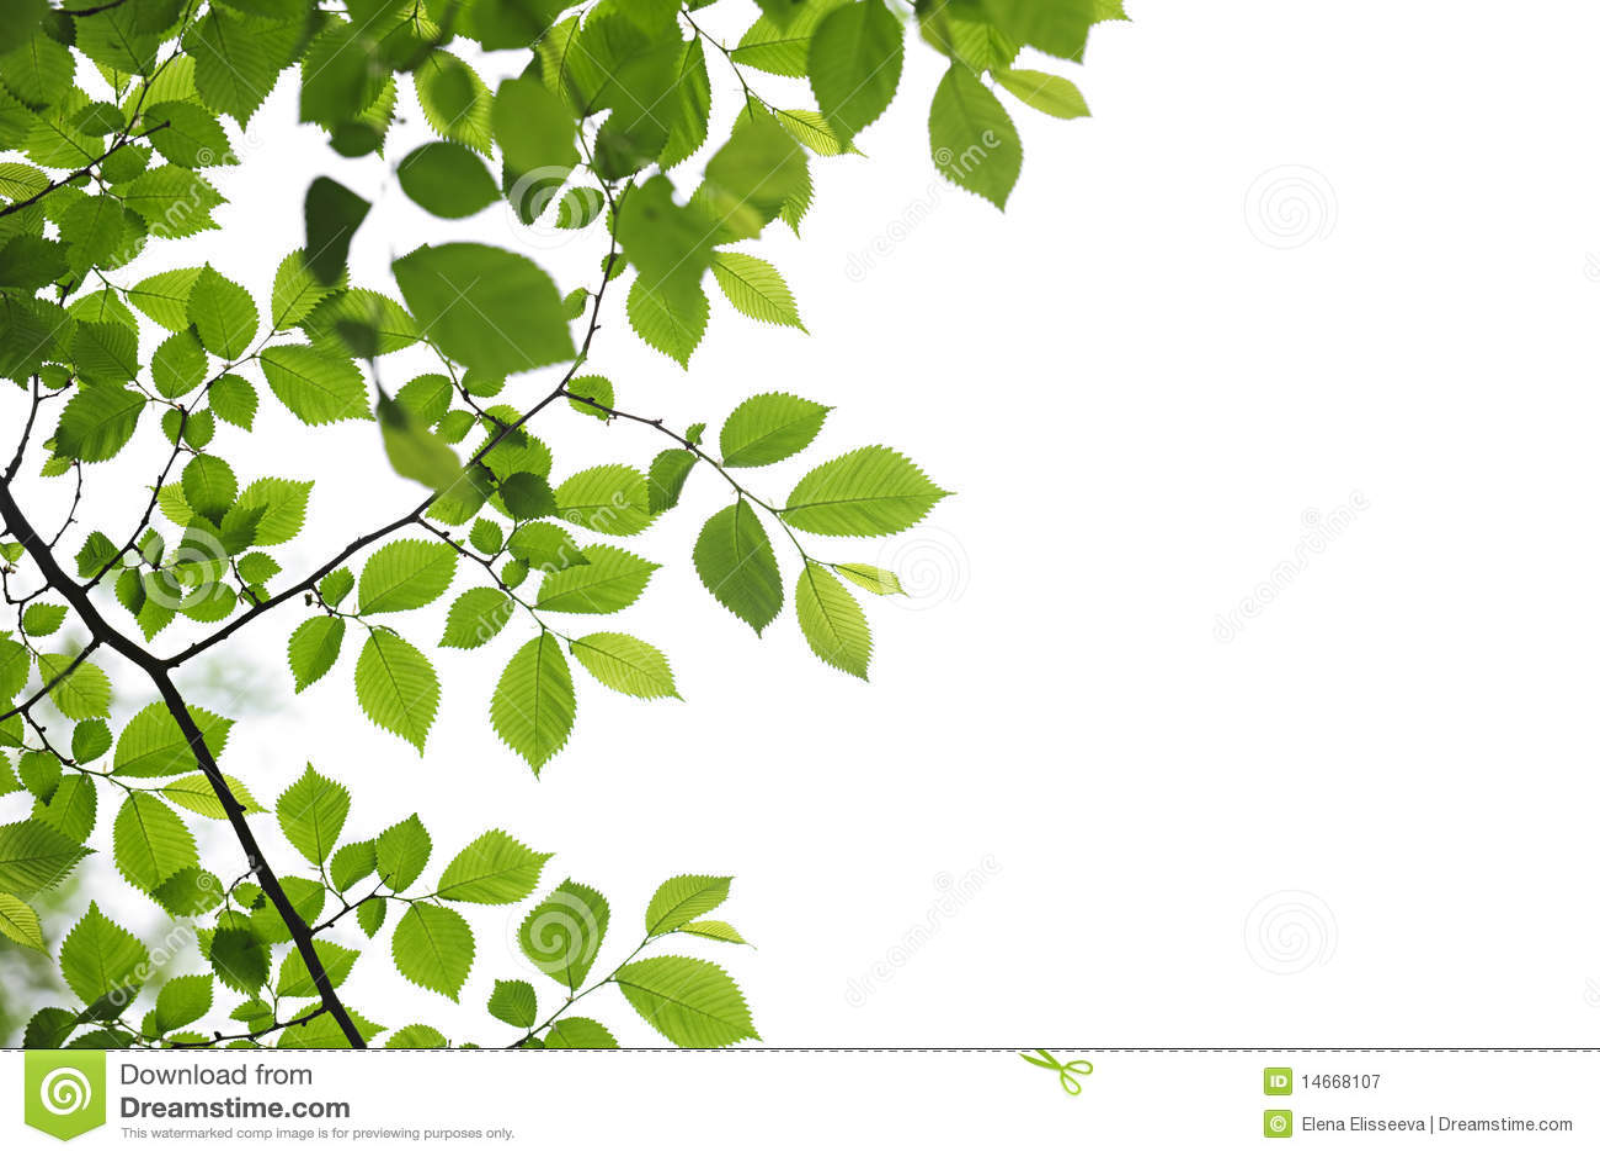 Hojas Verdes Del Resorte En El Fondo Blanco Imagen De